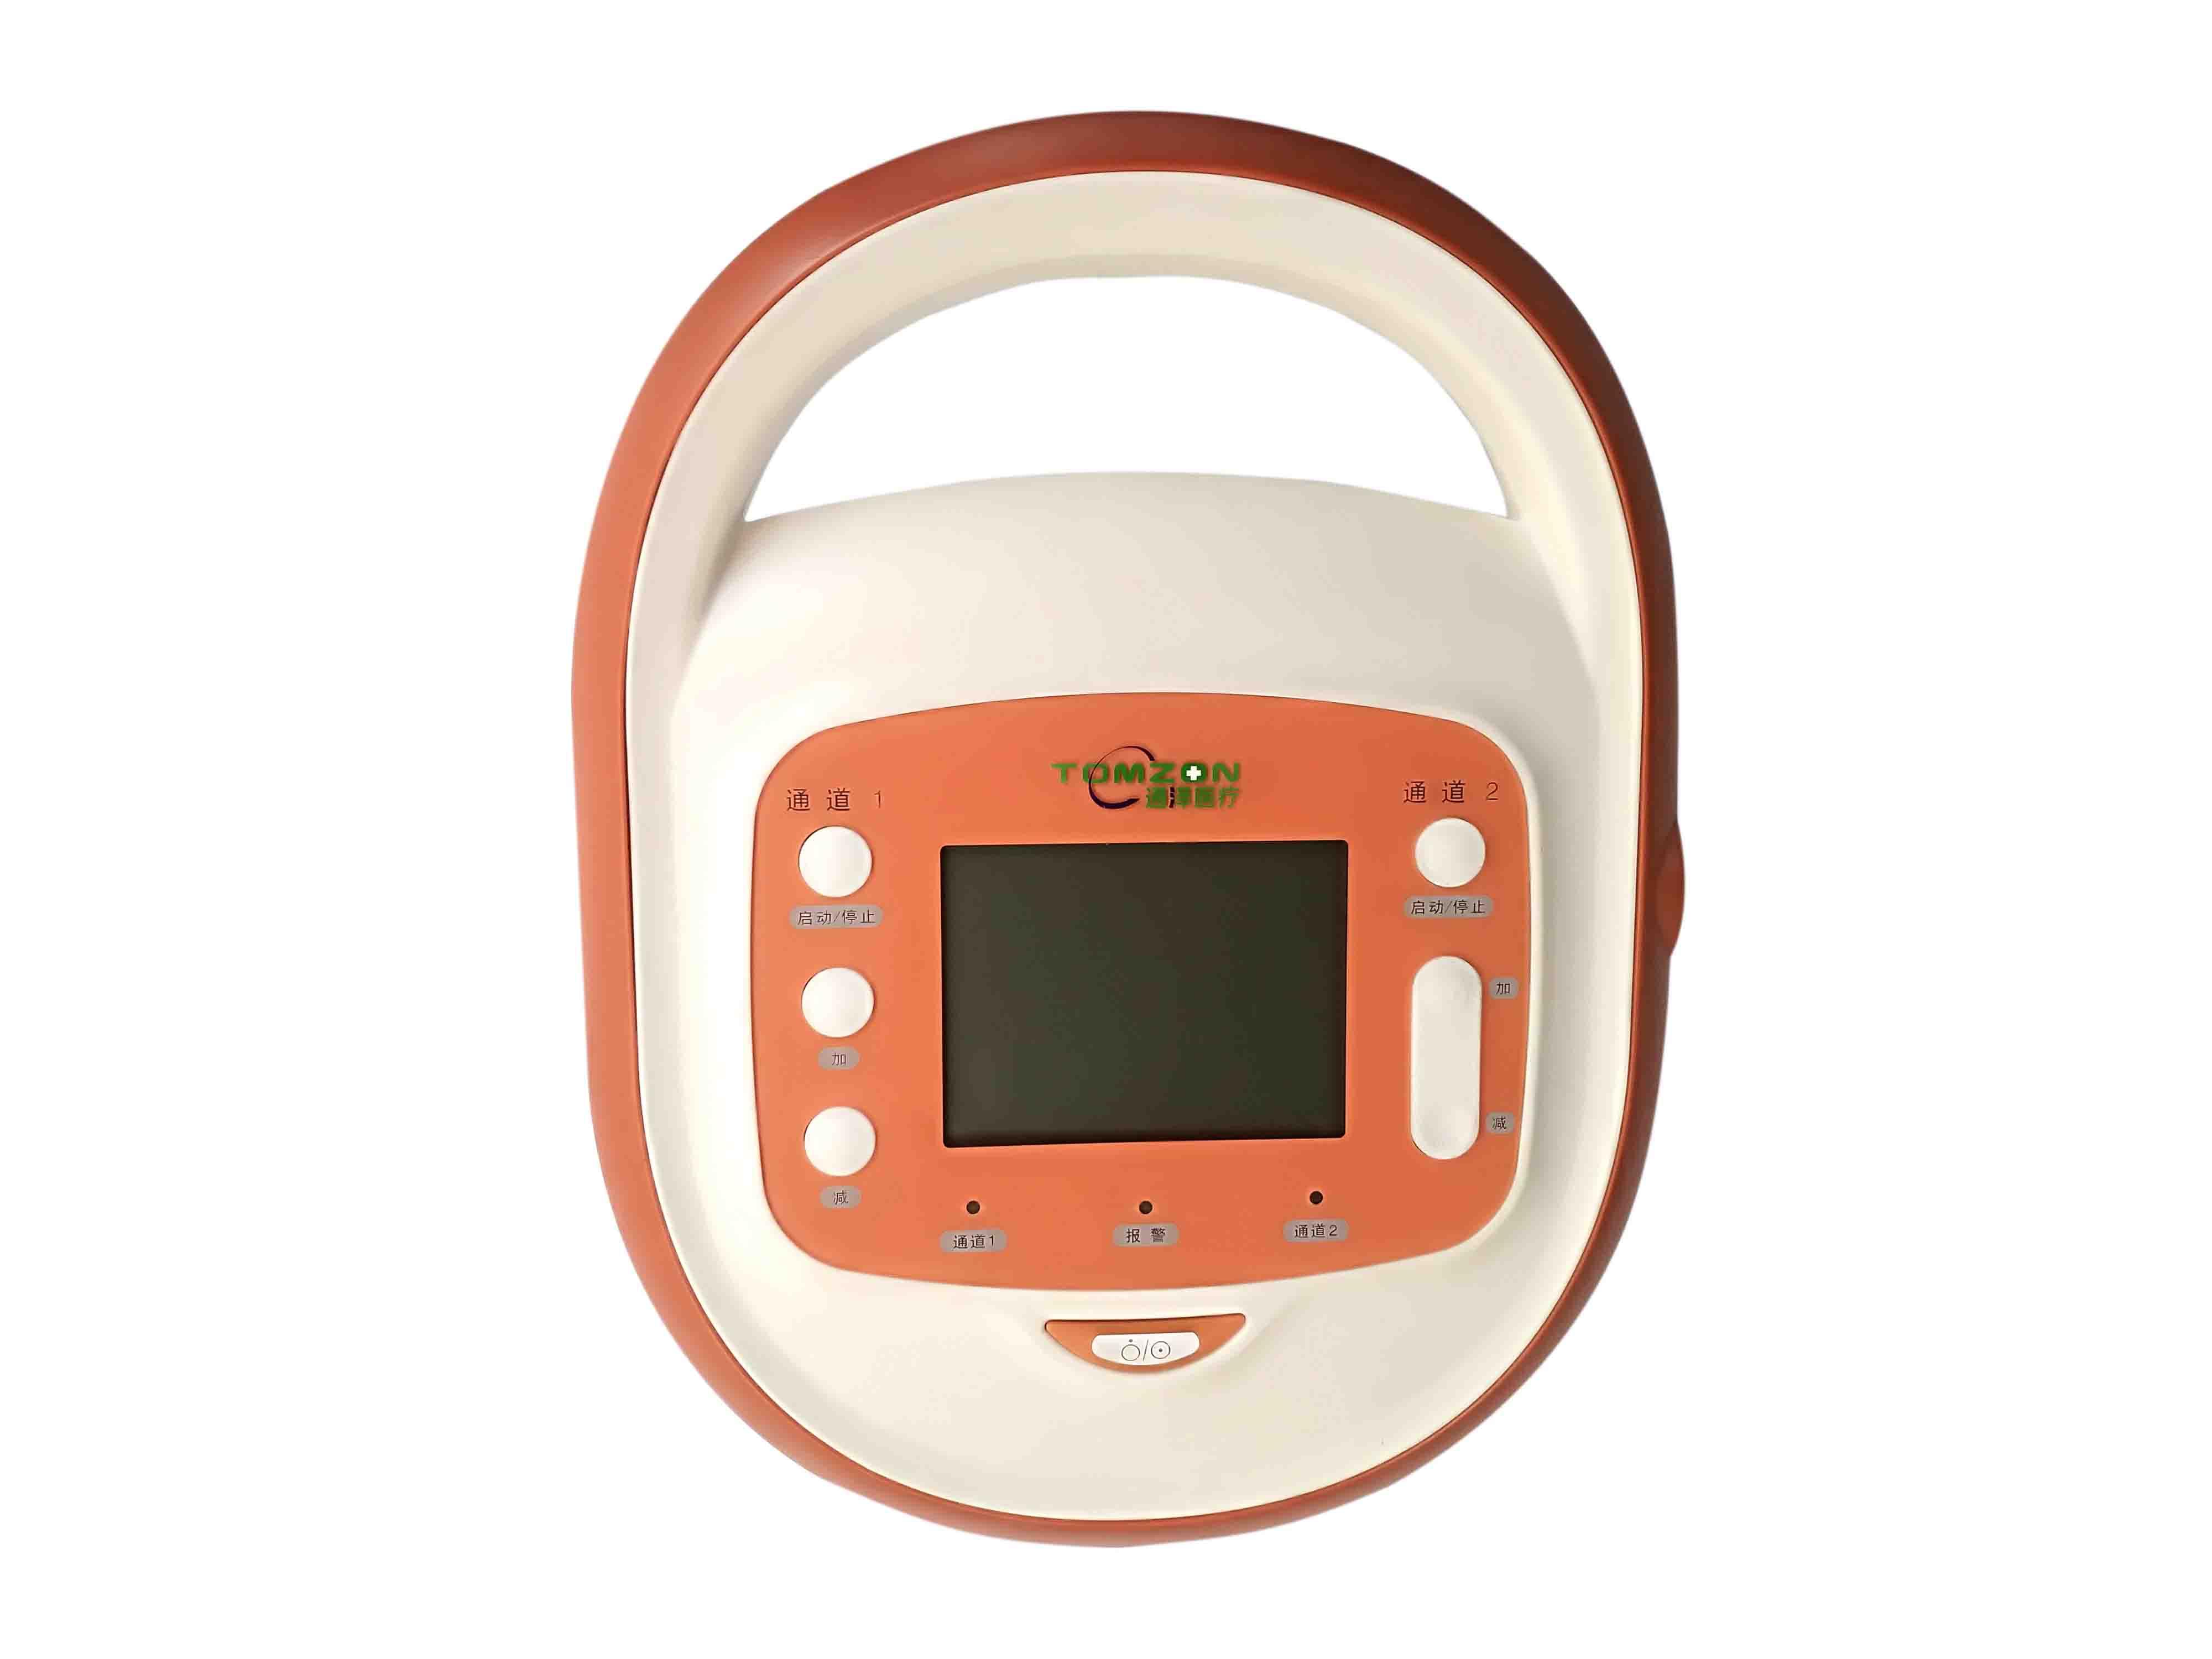 優質的便攜式產后康復綜合治療儀在哪買 ——產康中心設備